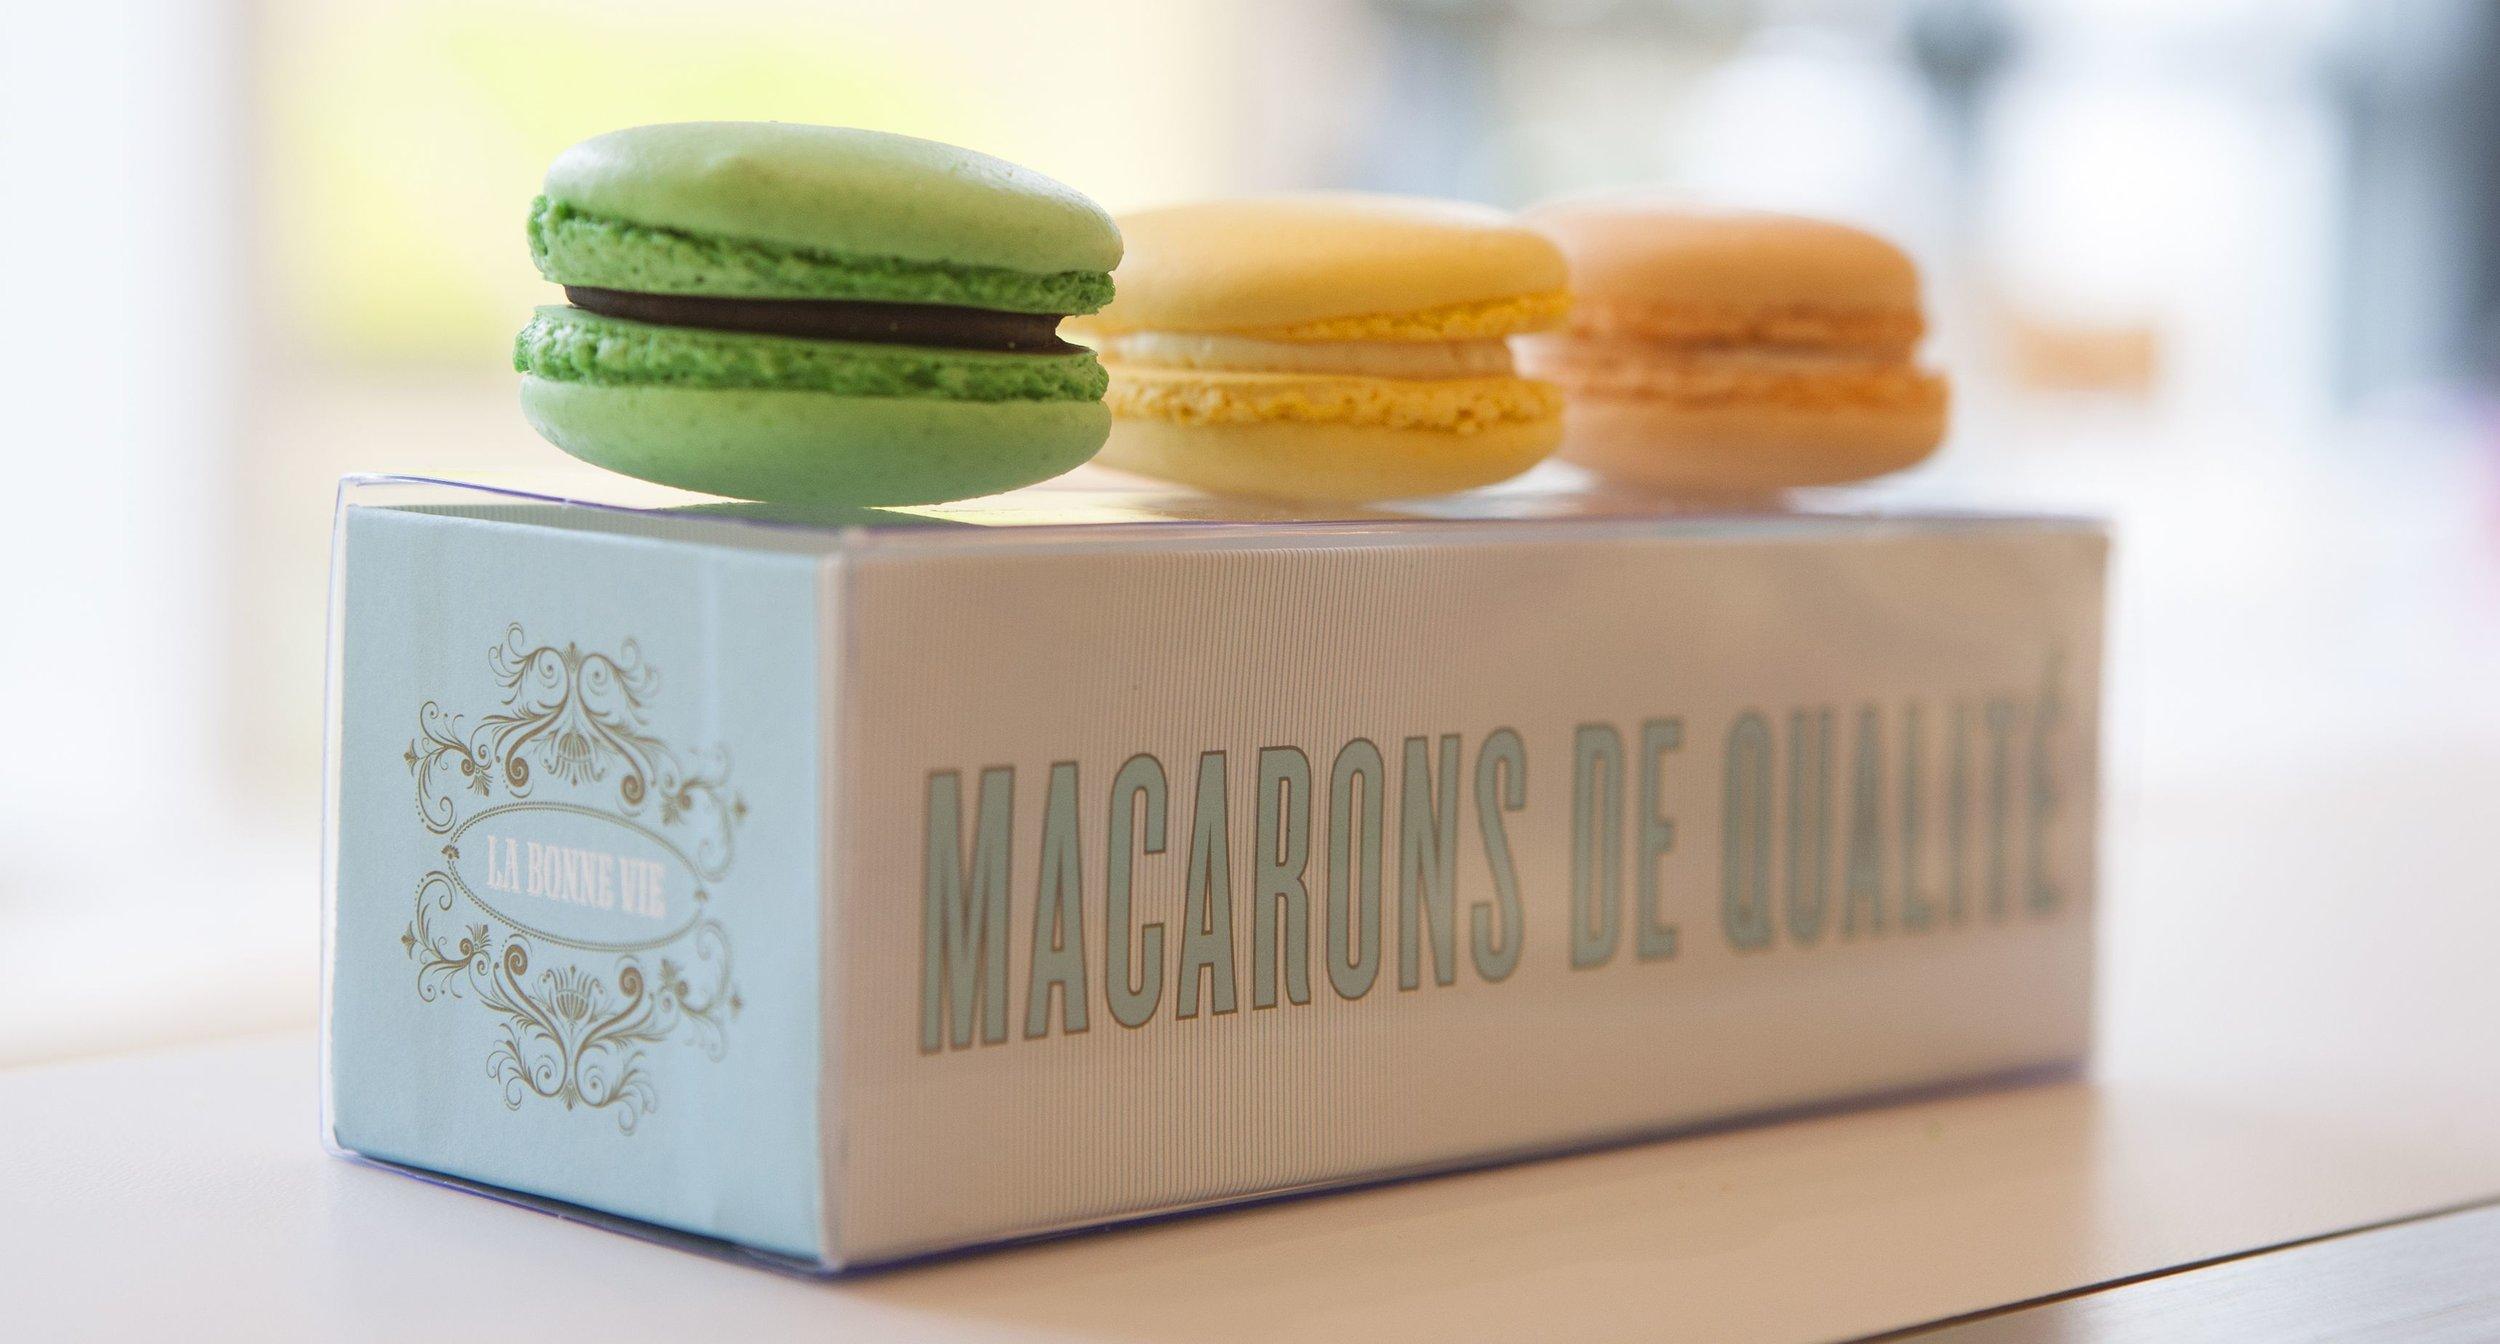 La Bonne Vie Macaron Package Design